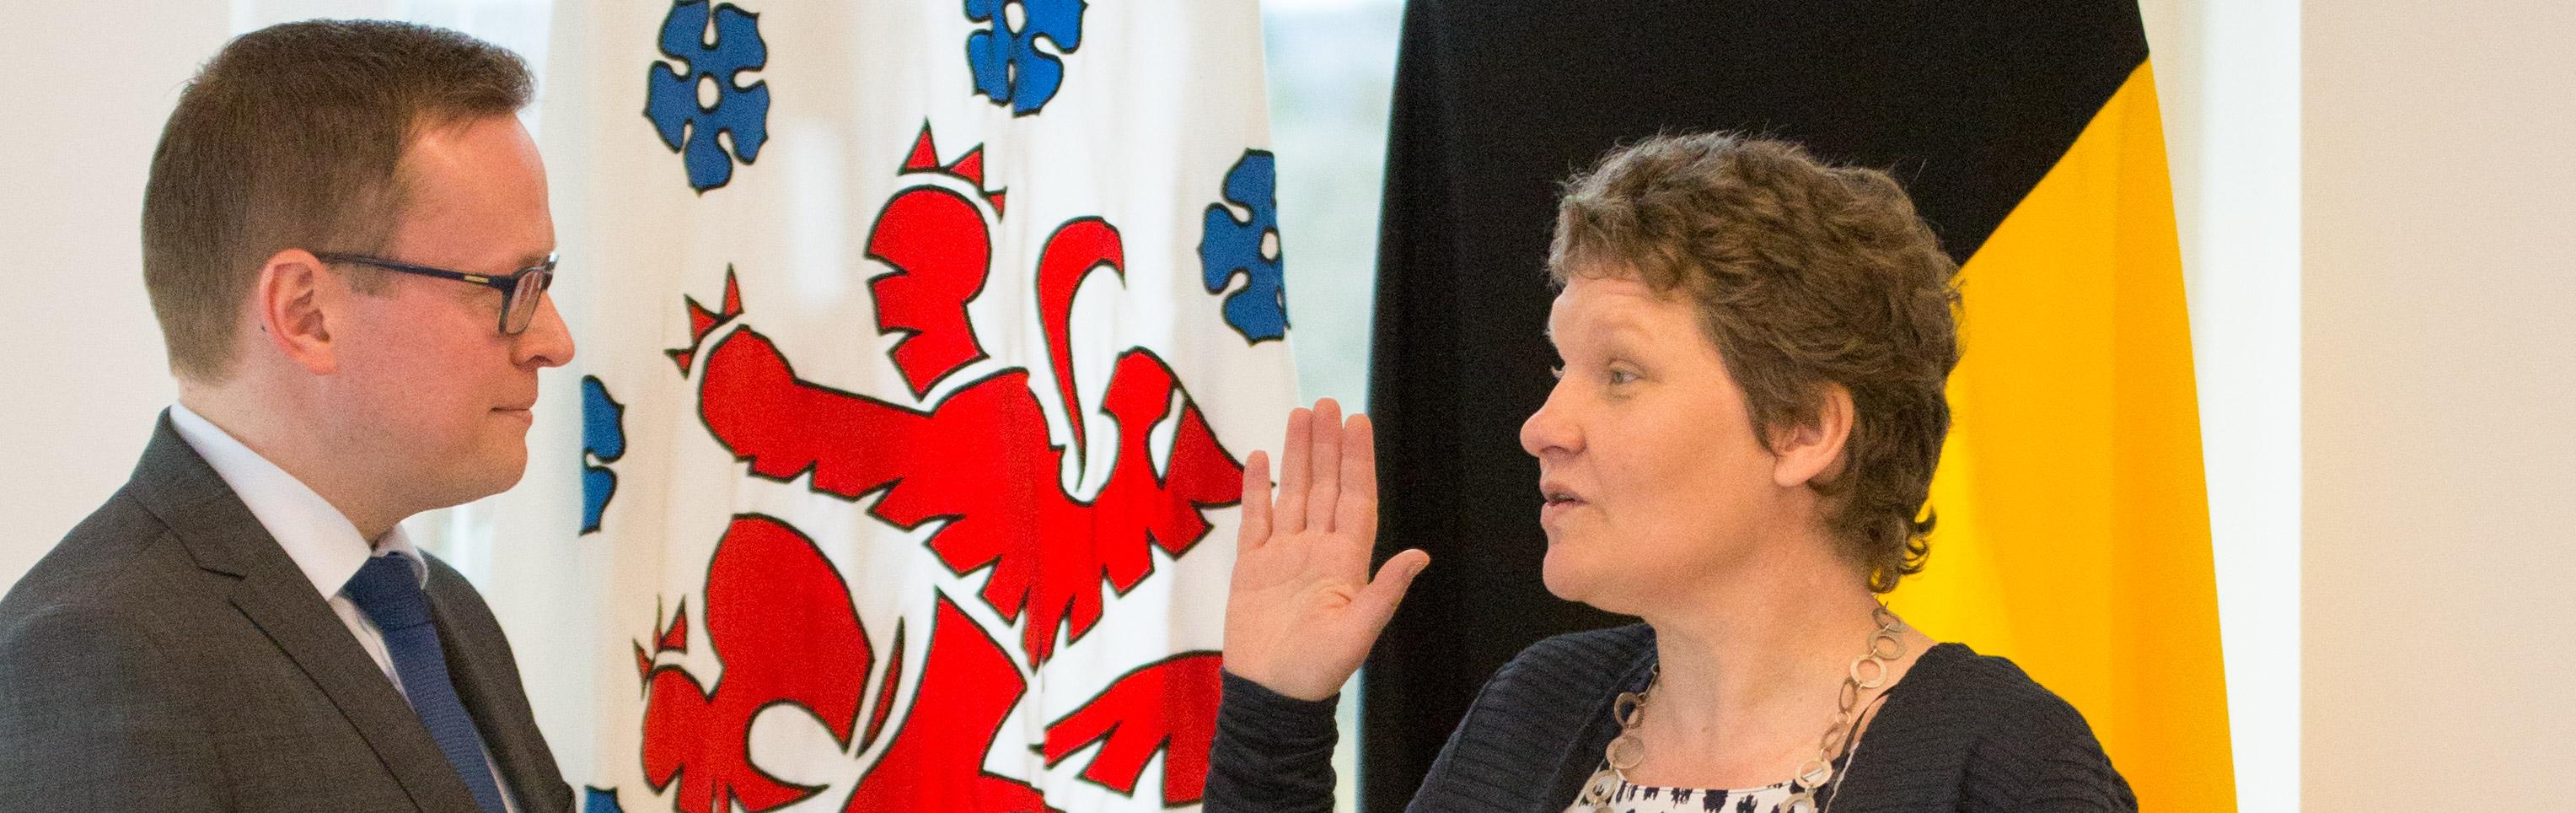 Ombudsfrau im Amt